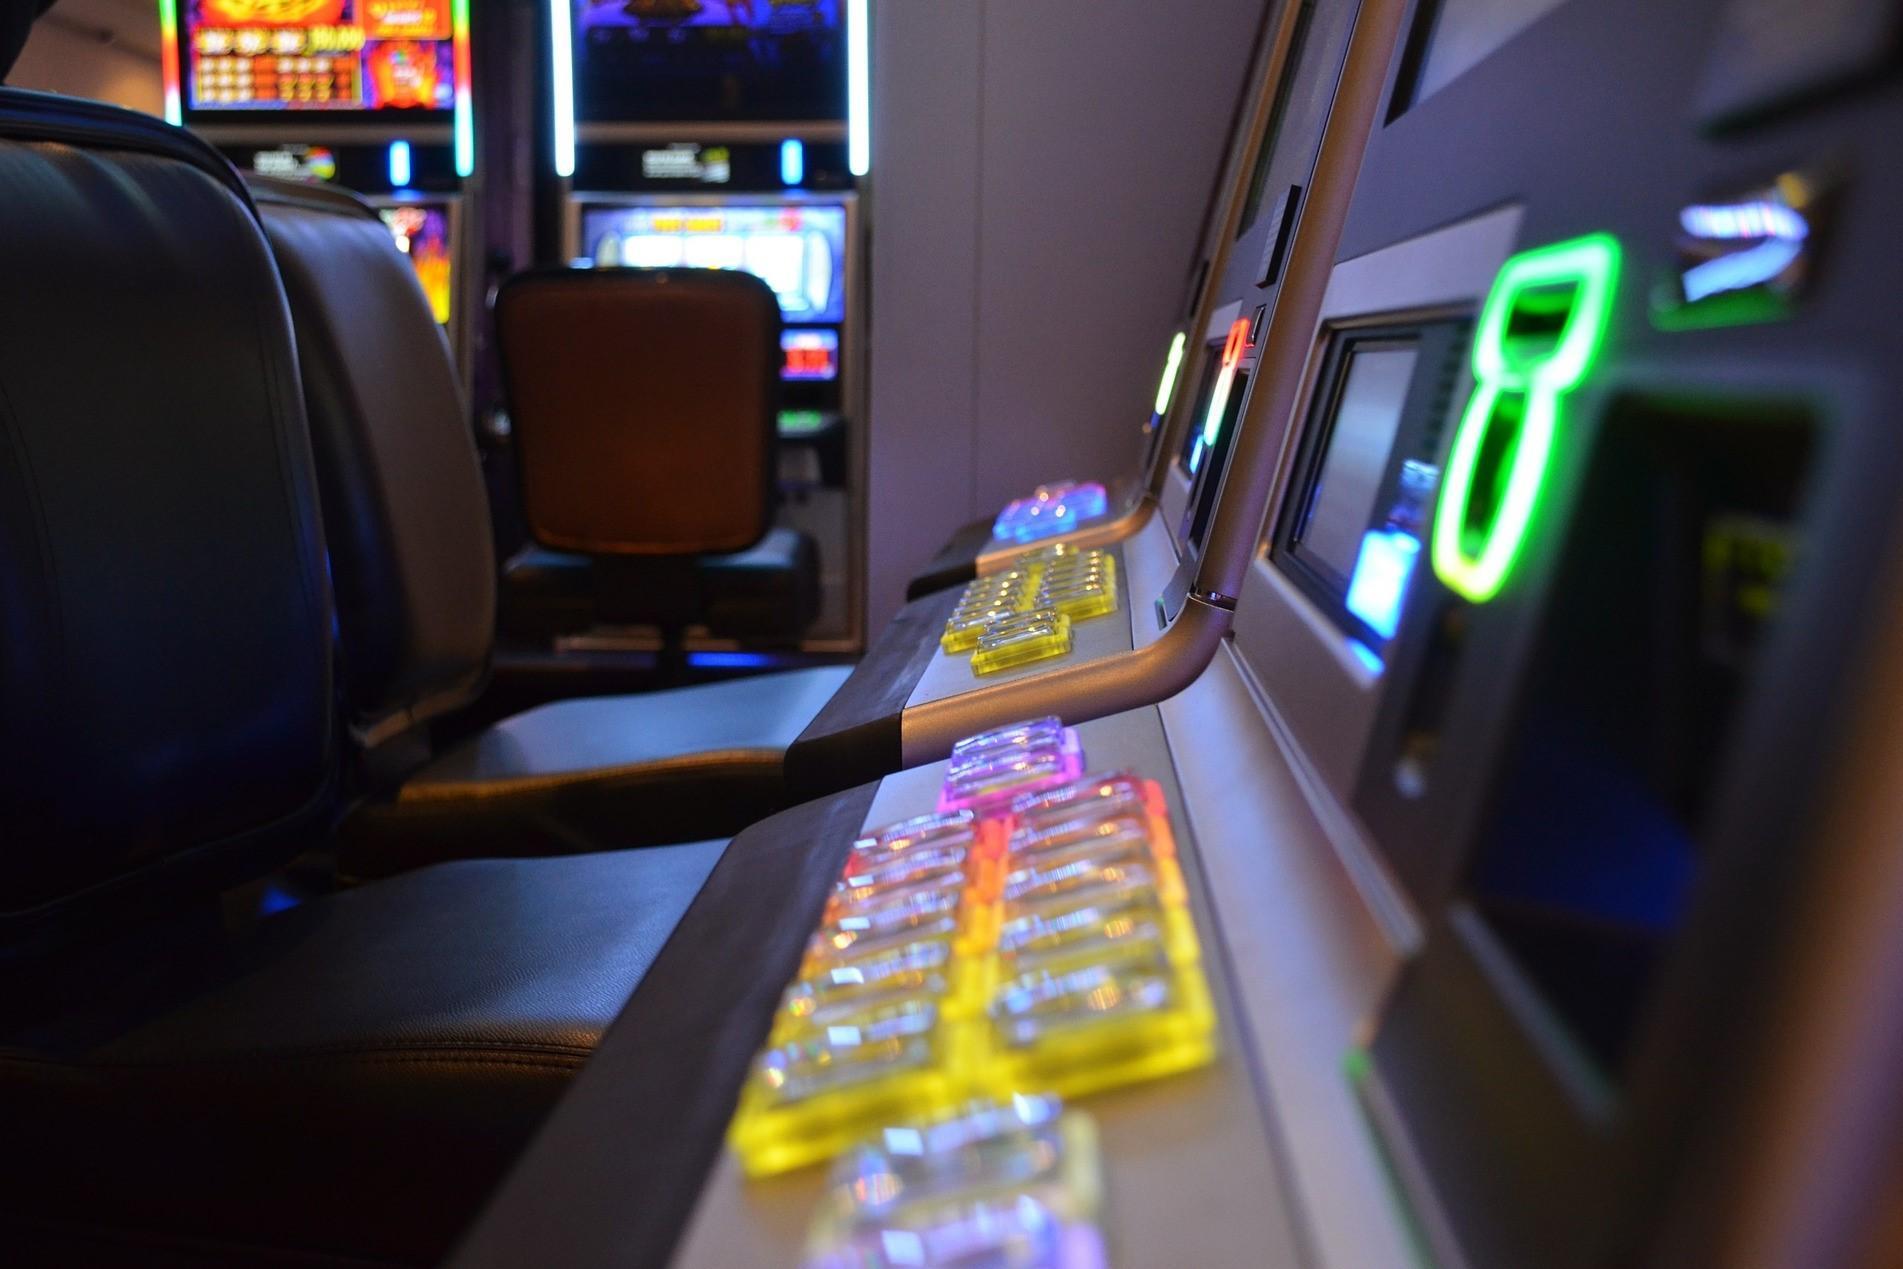 Bild Spielhalle, Quelle: Bild von Kai Sender auf Pixabay